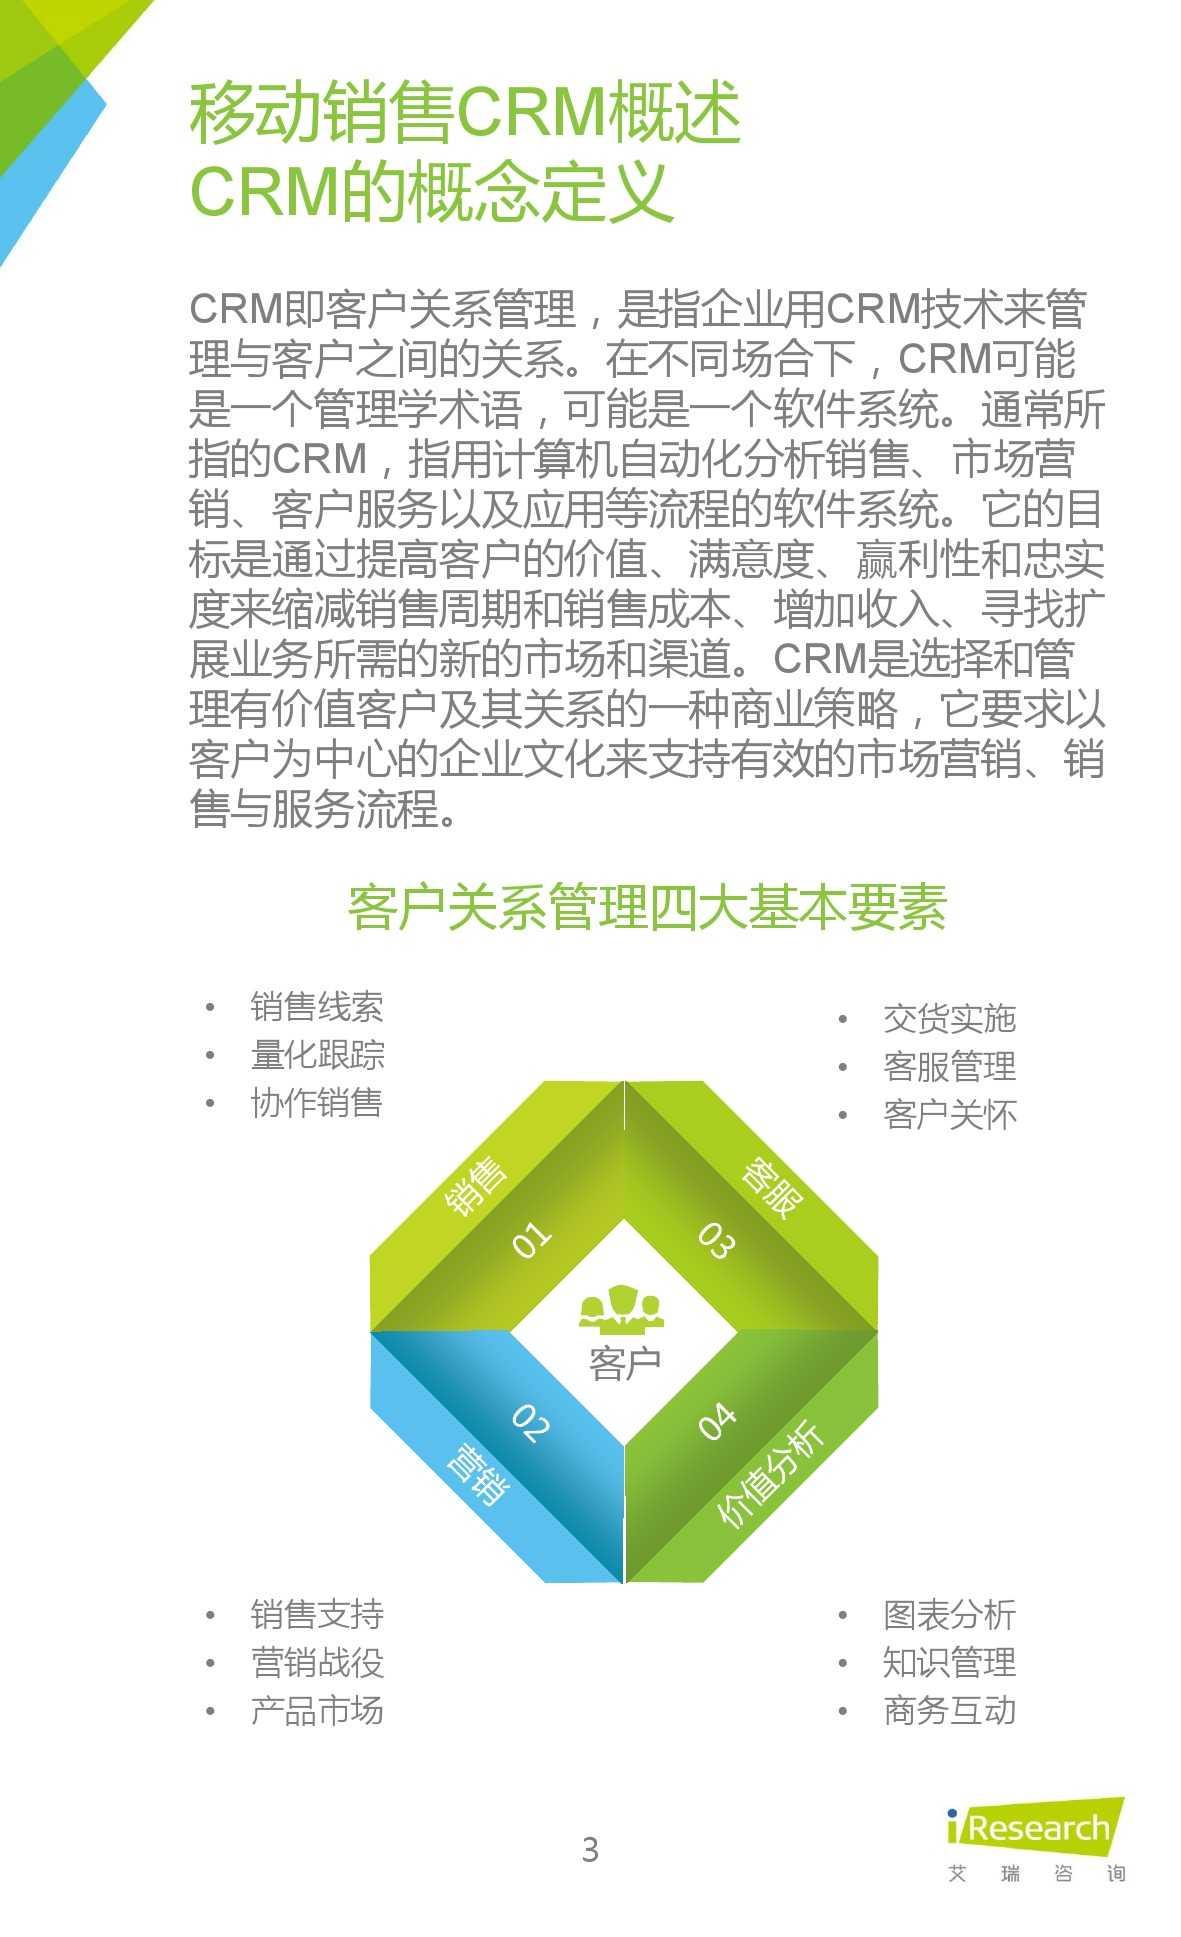 2015年中国移动销售CRM行业研究报告_000003